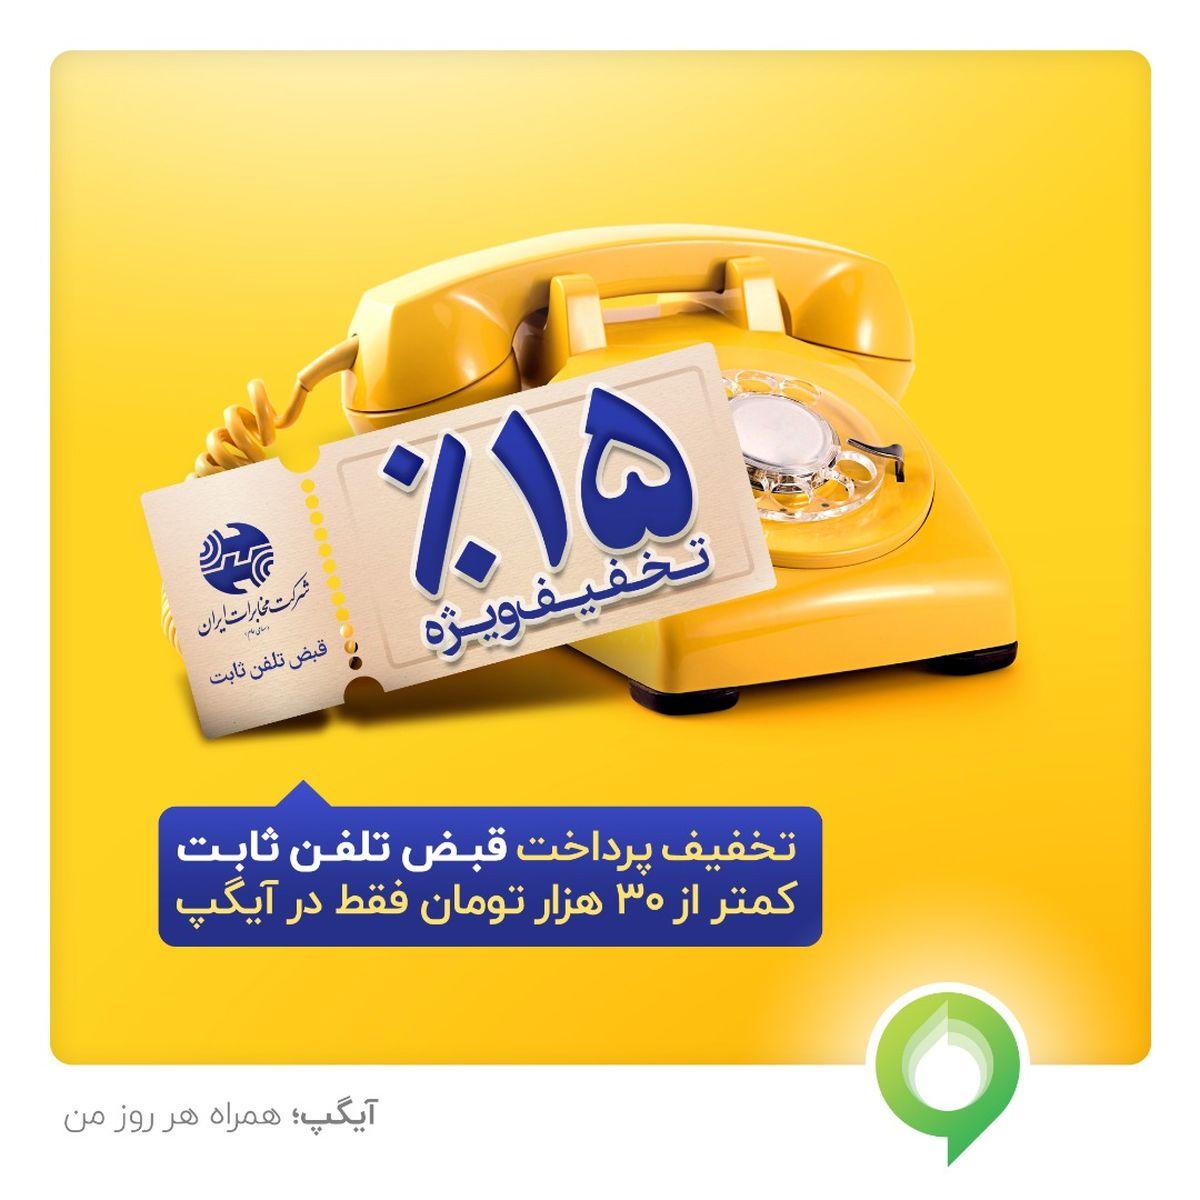 تخفیف 15 درصدی قبض اسفند ماه برای مشترکین تلفن ثابت